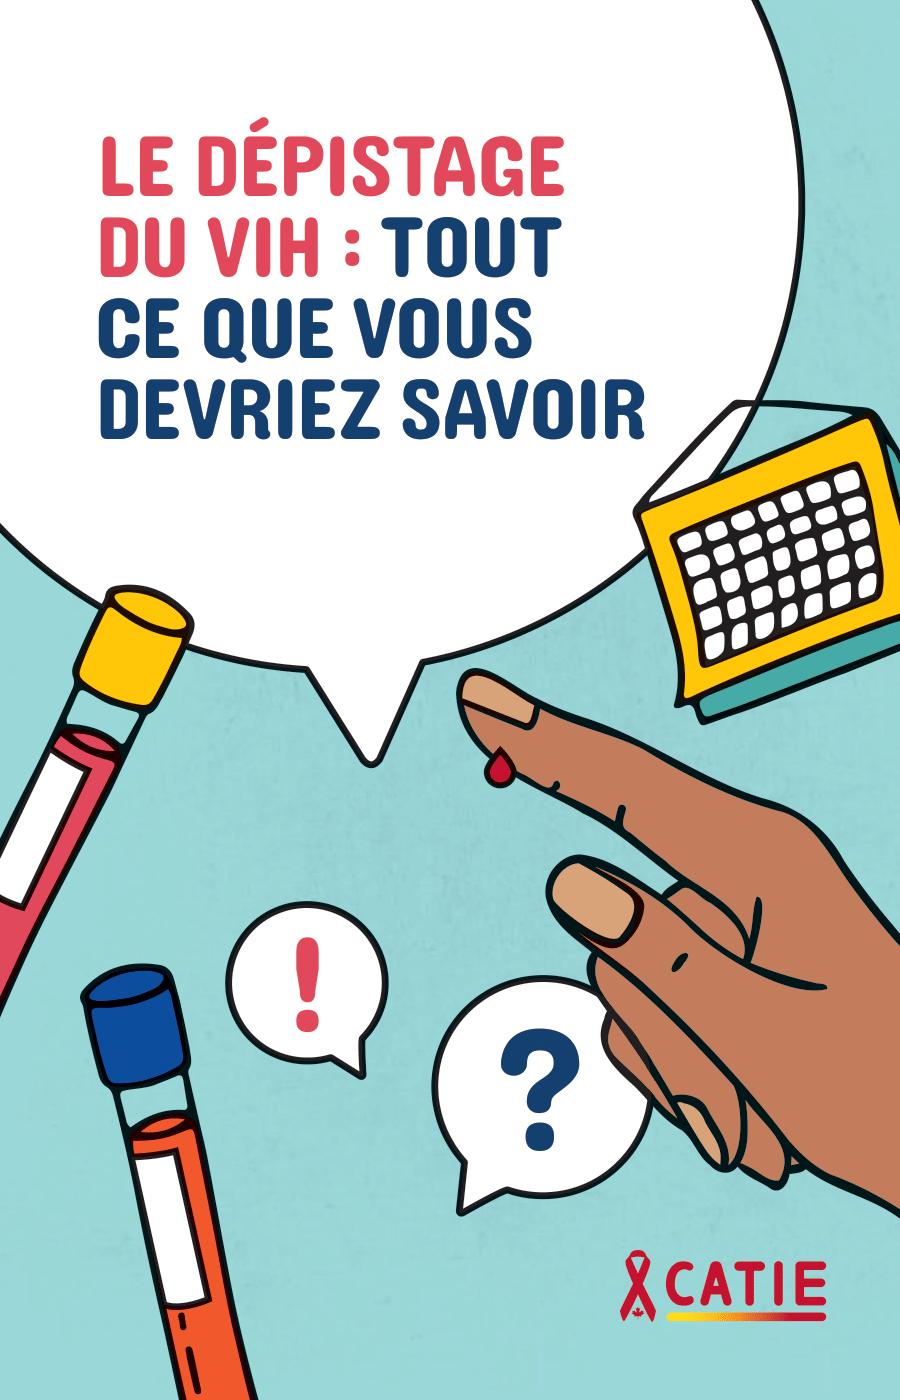 Le dépistage du VIH : Tout ce que vous devriez savoir Image